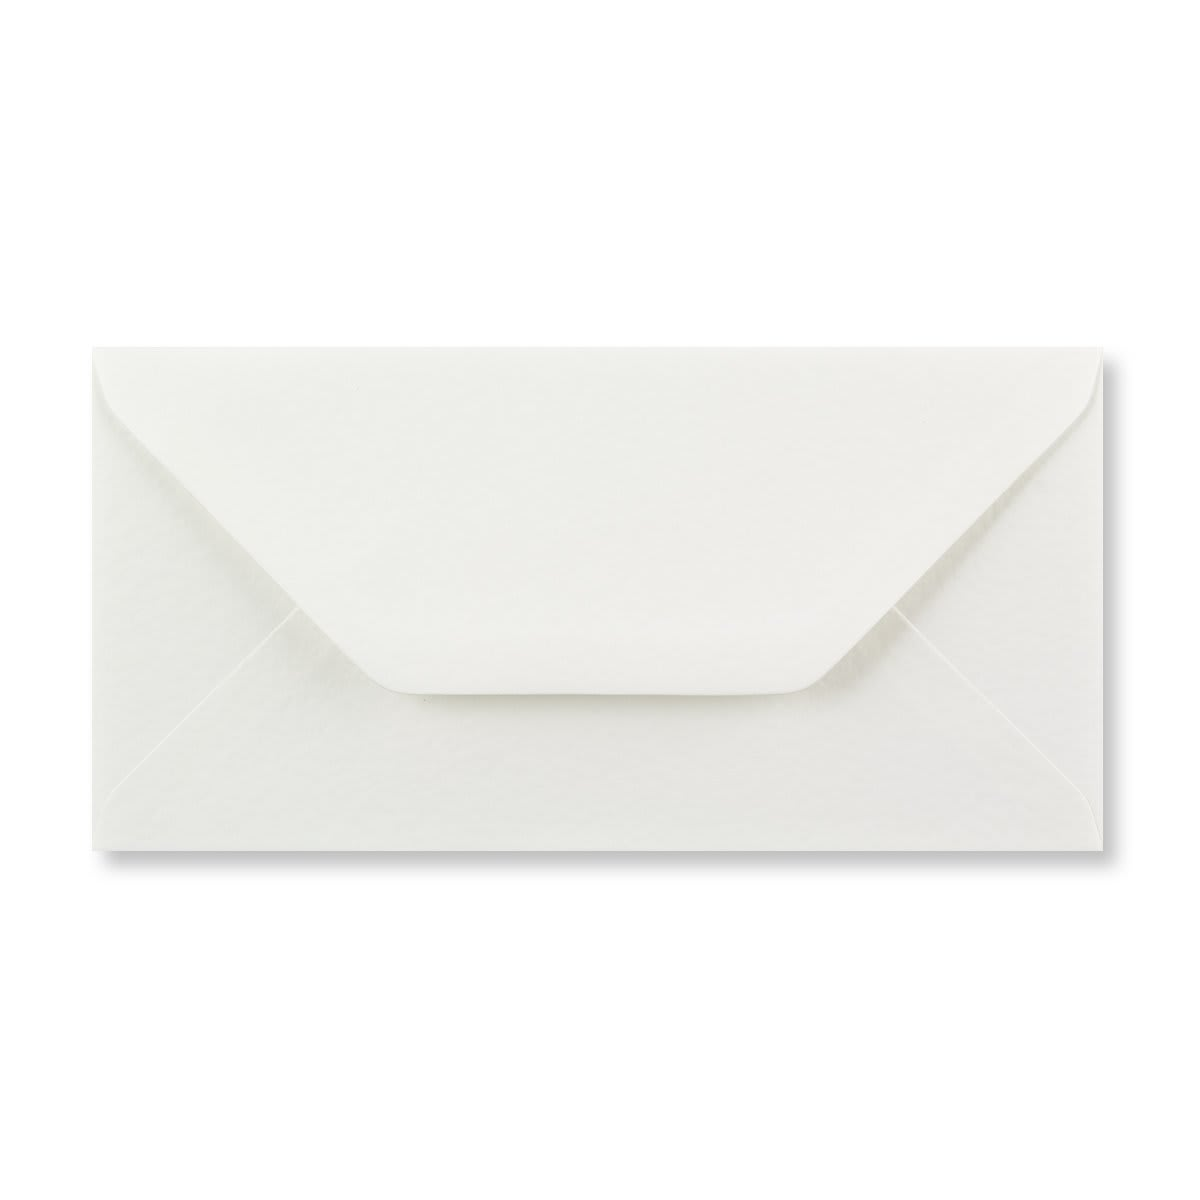 DL WHITE HAMMER EFFECT ENVELOPES